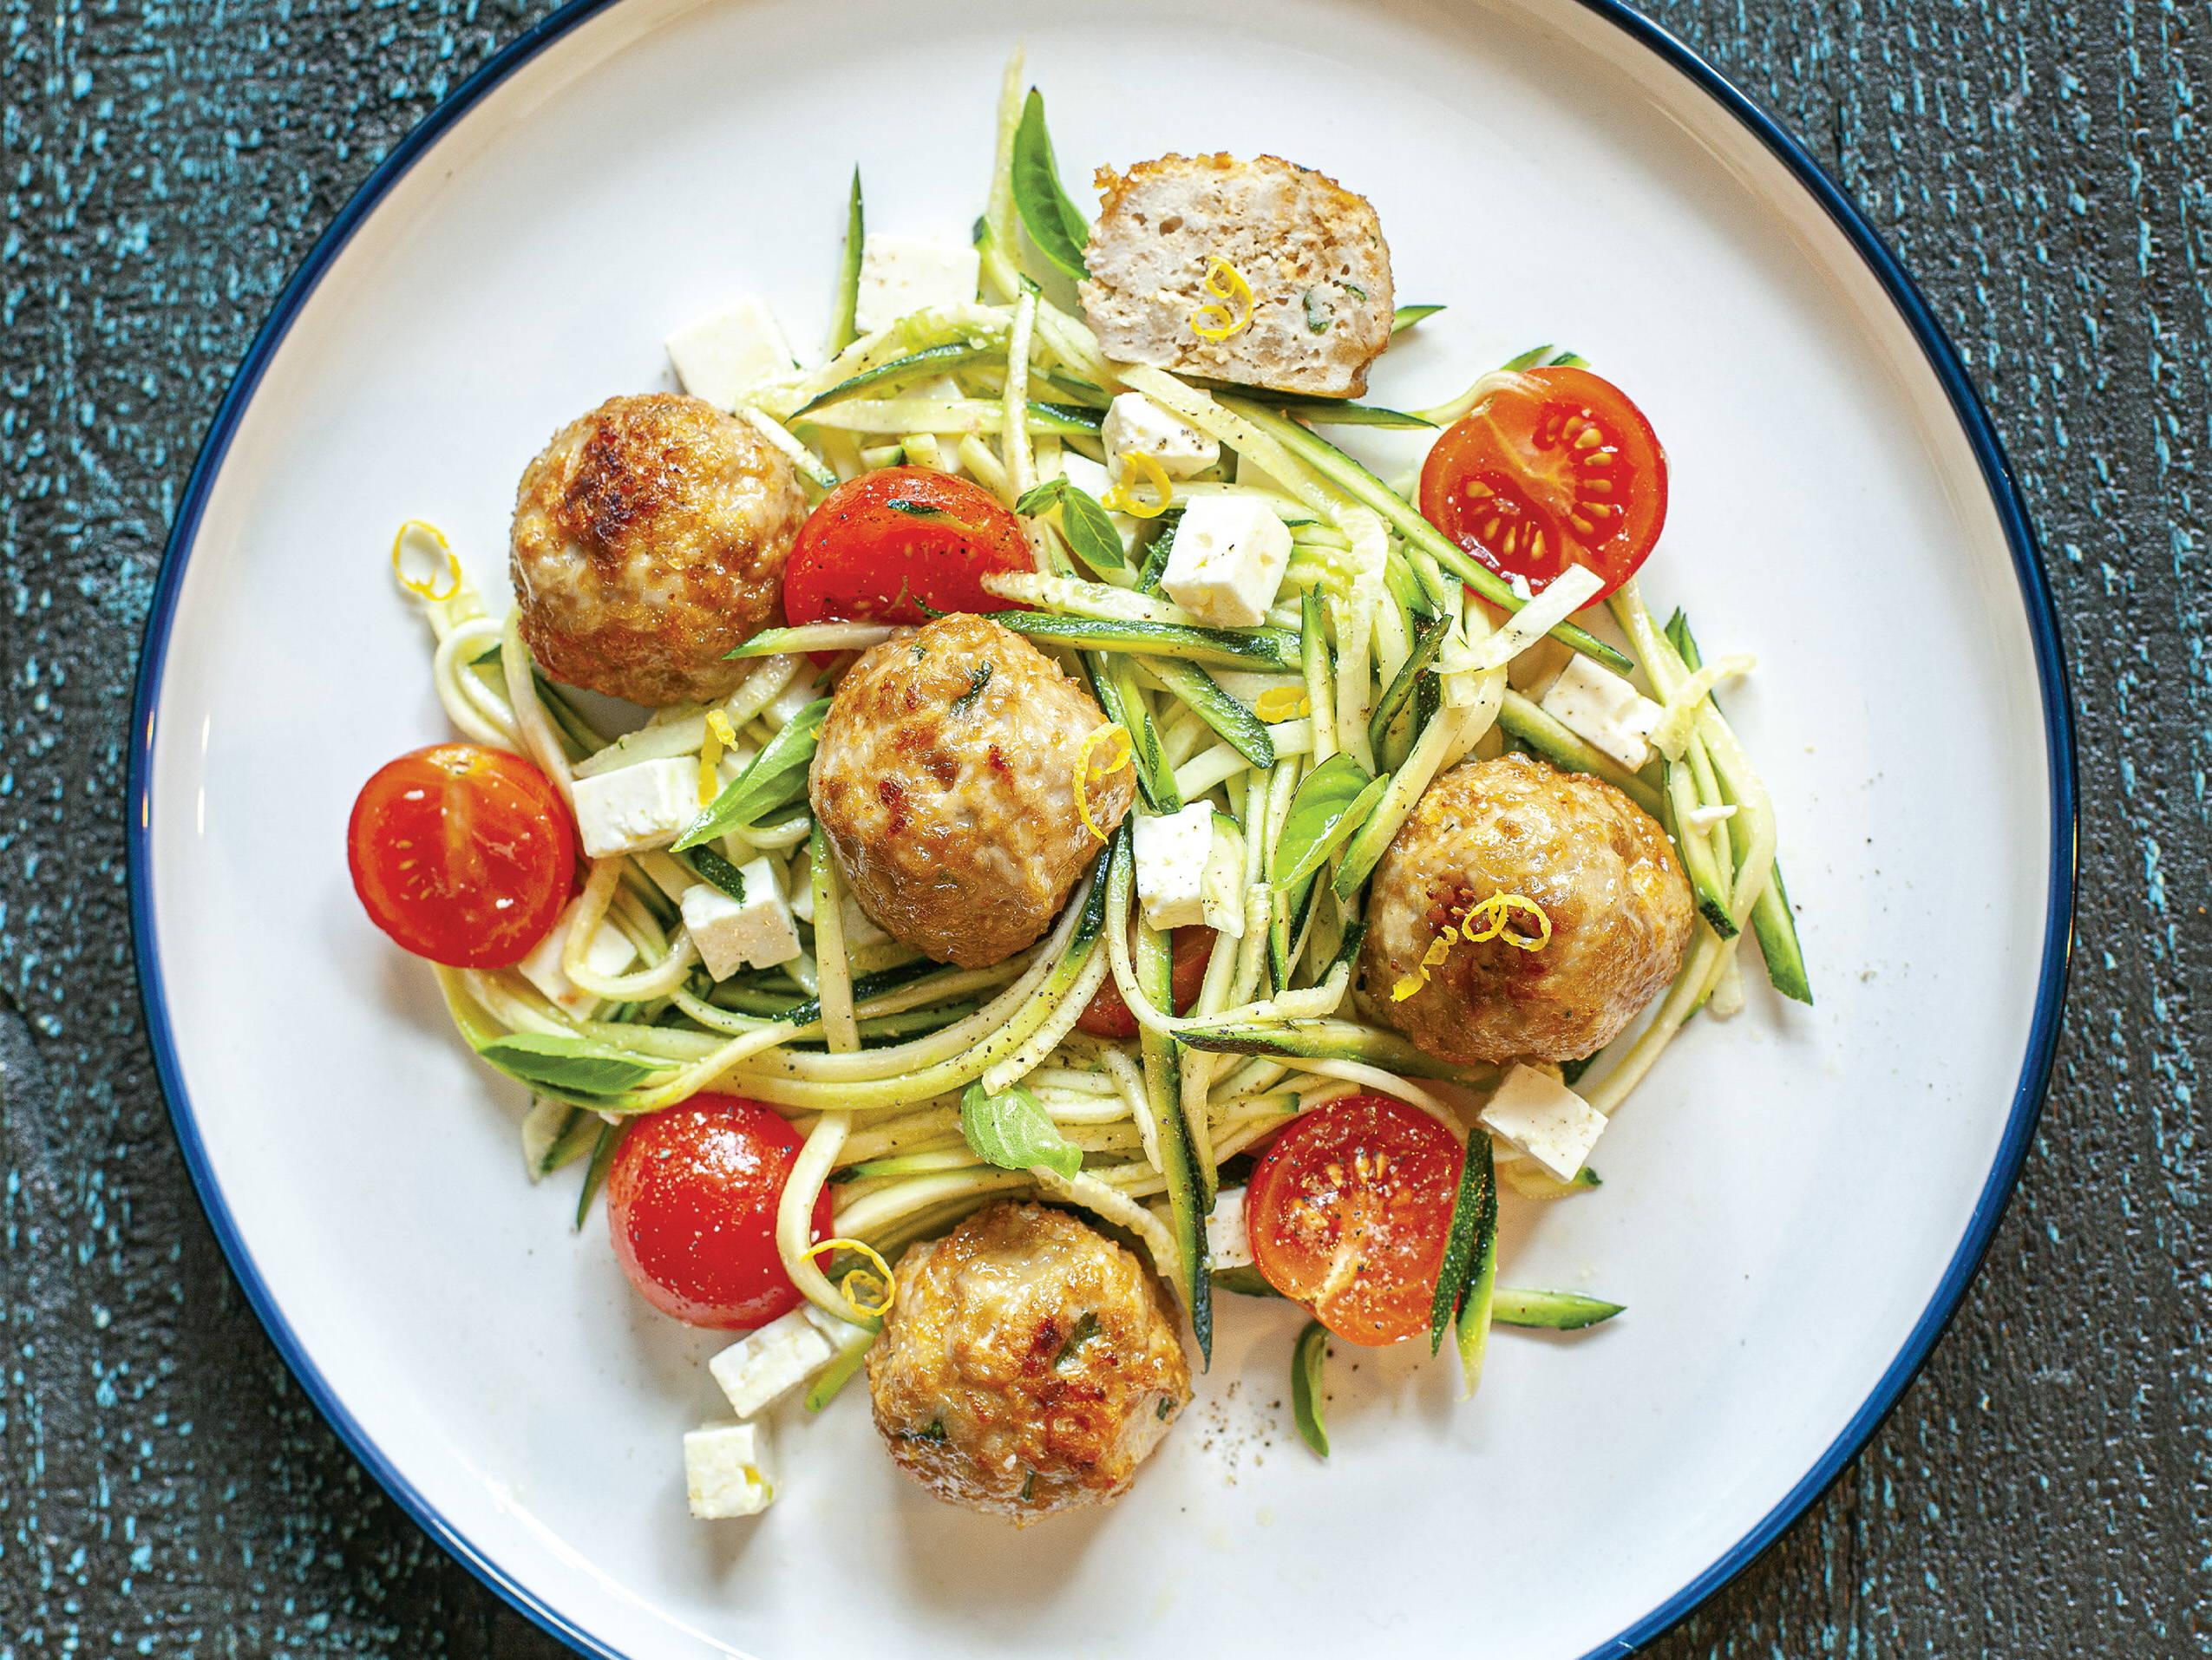 Salade de courgettes avec boulettes de poulet, recette de blogue de Isabelle Huot Docteure en nutrition